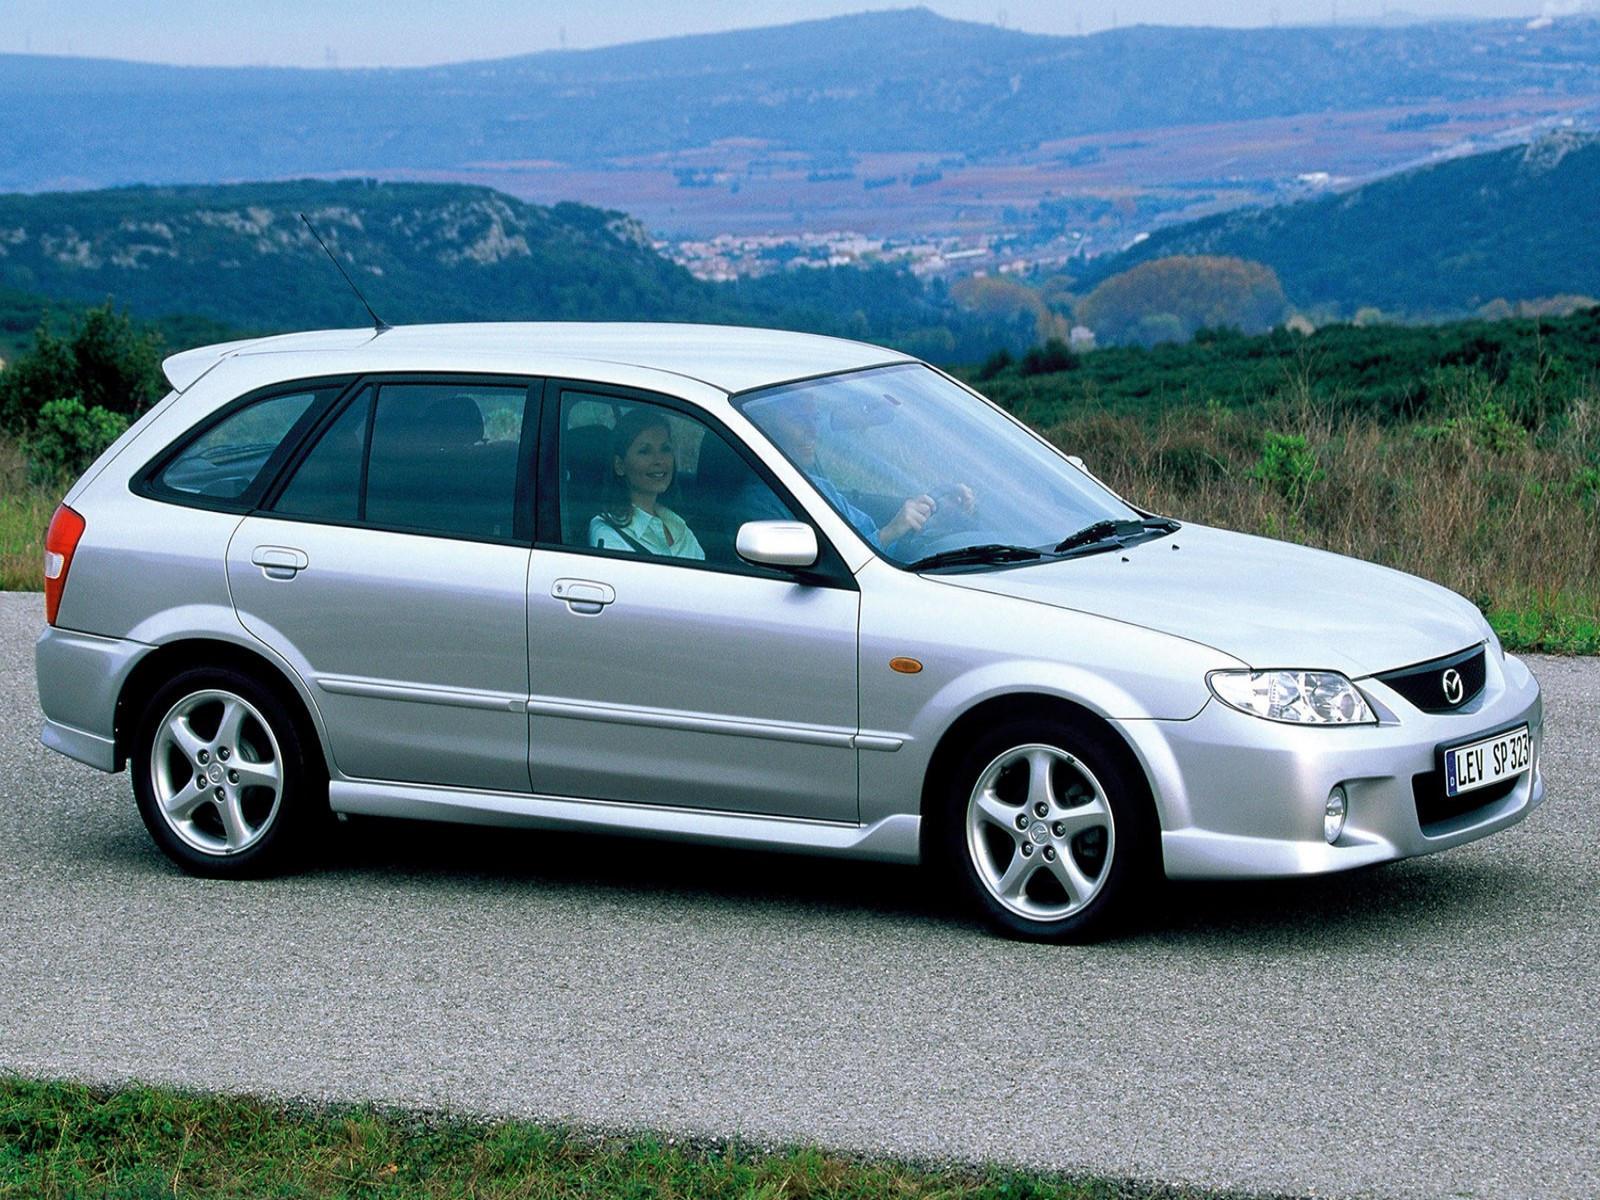 mazda 323 vi bj 1998 2000 hatchback 3 door outstanding cars rh carsot com Mazda 121 JDM Mazda 323F BA